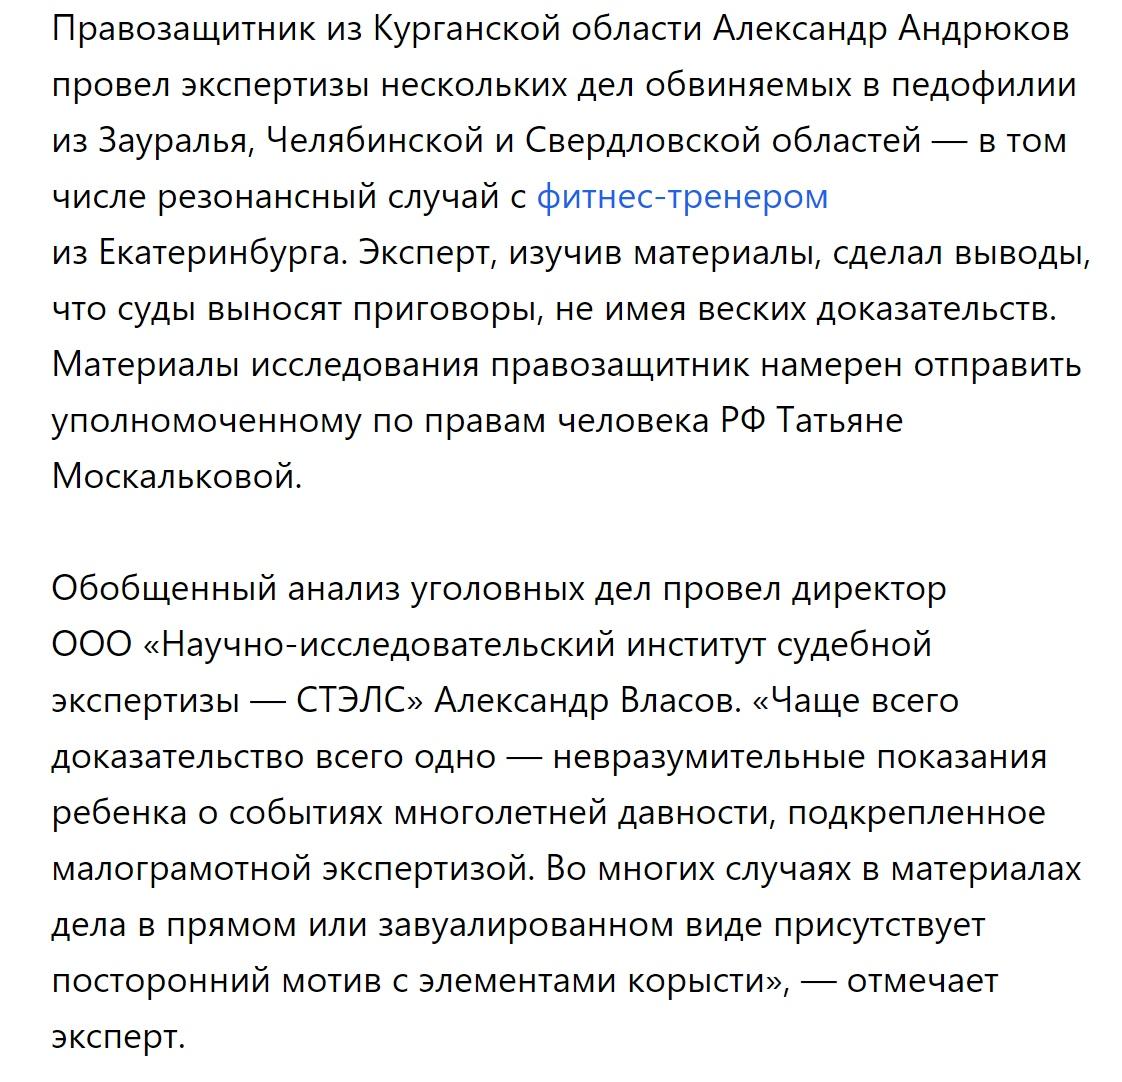 Фитнес-тренер, осужденный педофилию, будет делать мебель в колонии Екатеринбурга. Правозащитник просит за него заступиться